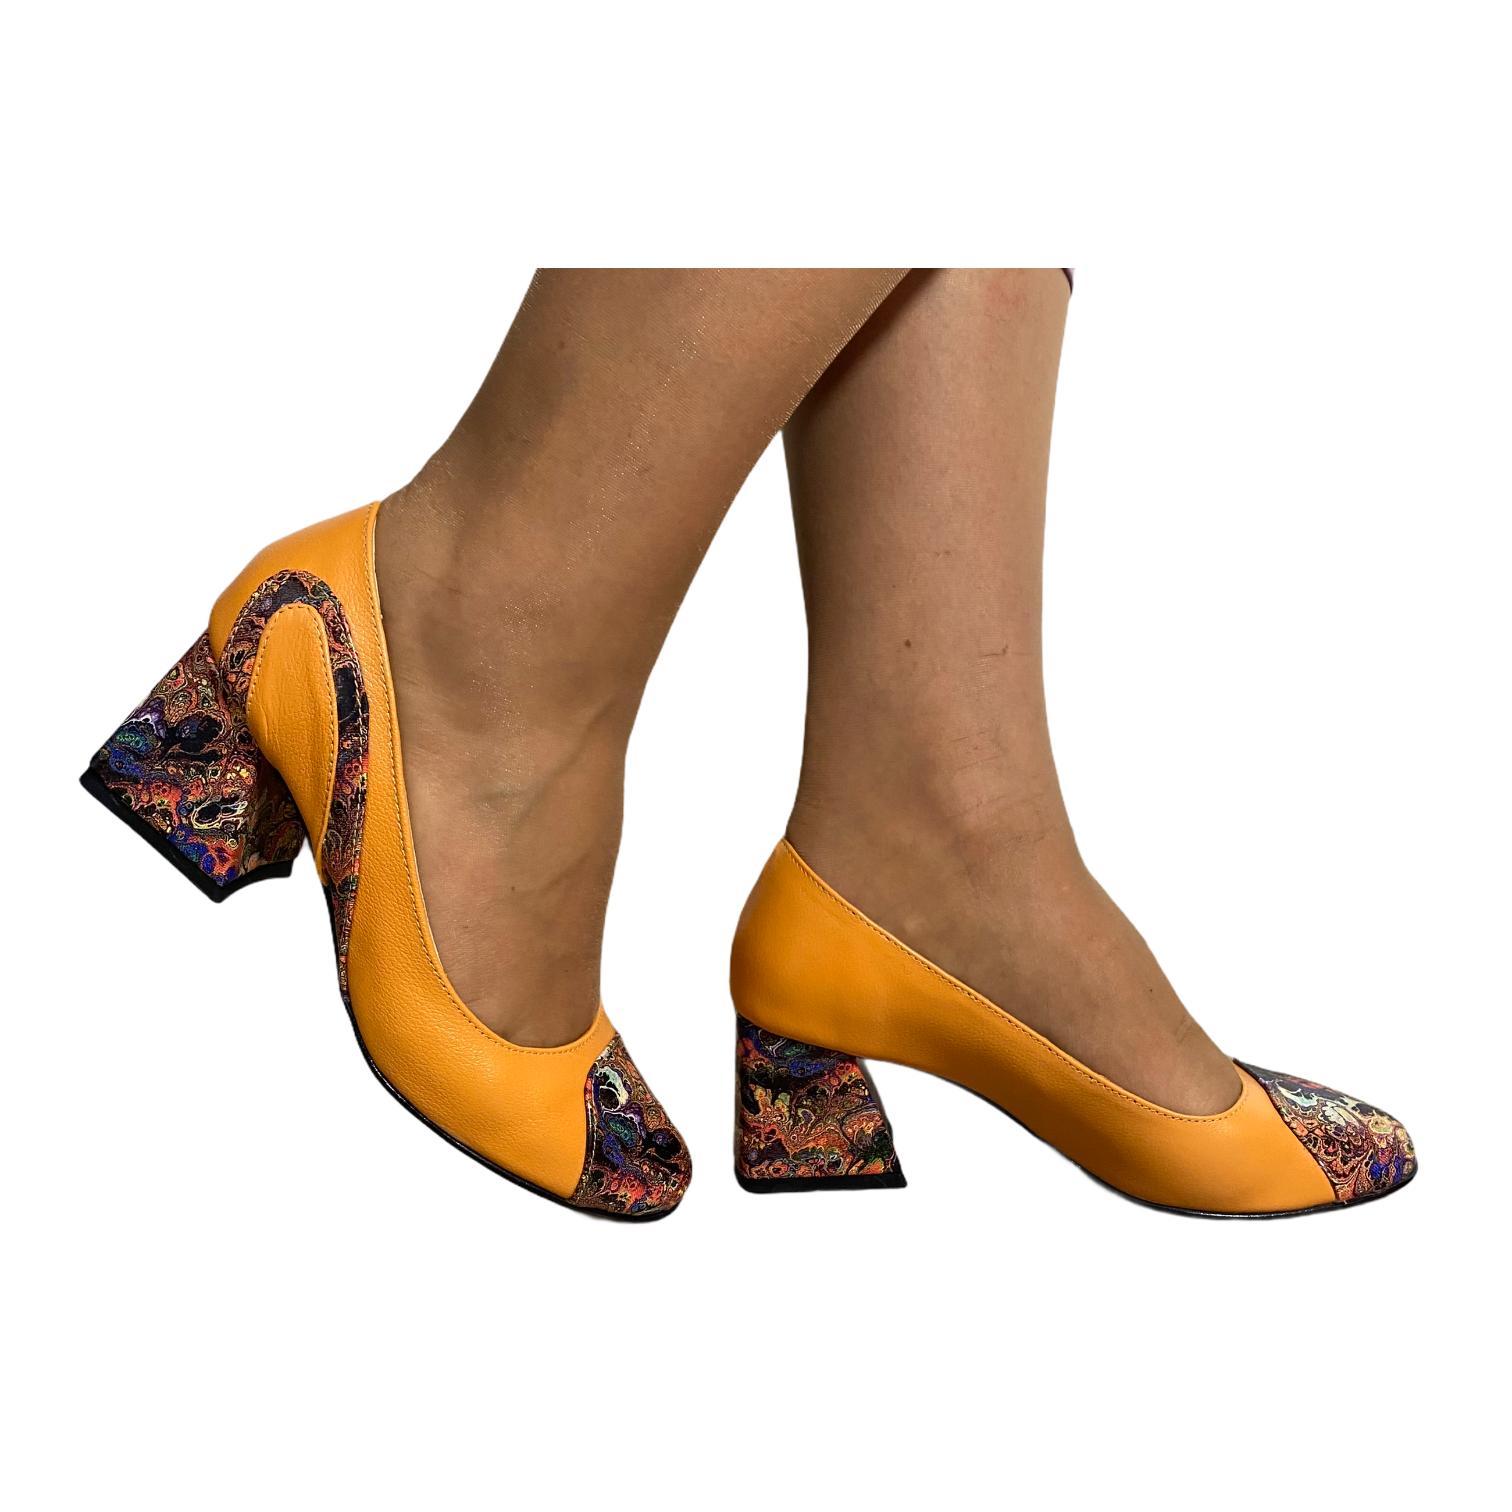 Pantofi kavun combinat cu modele abstracte